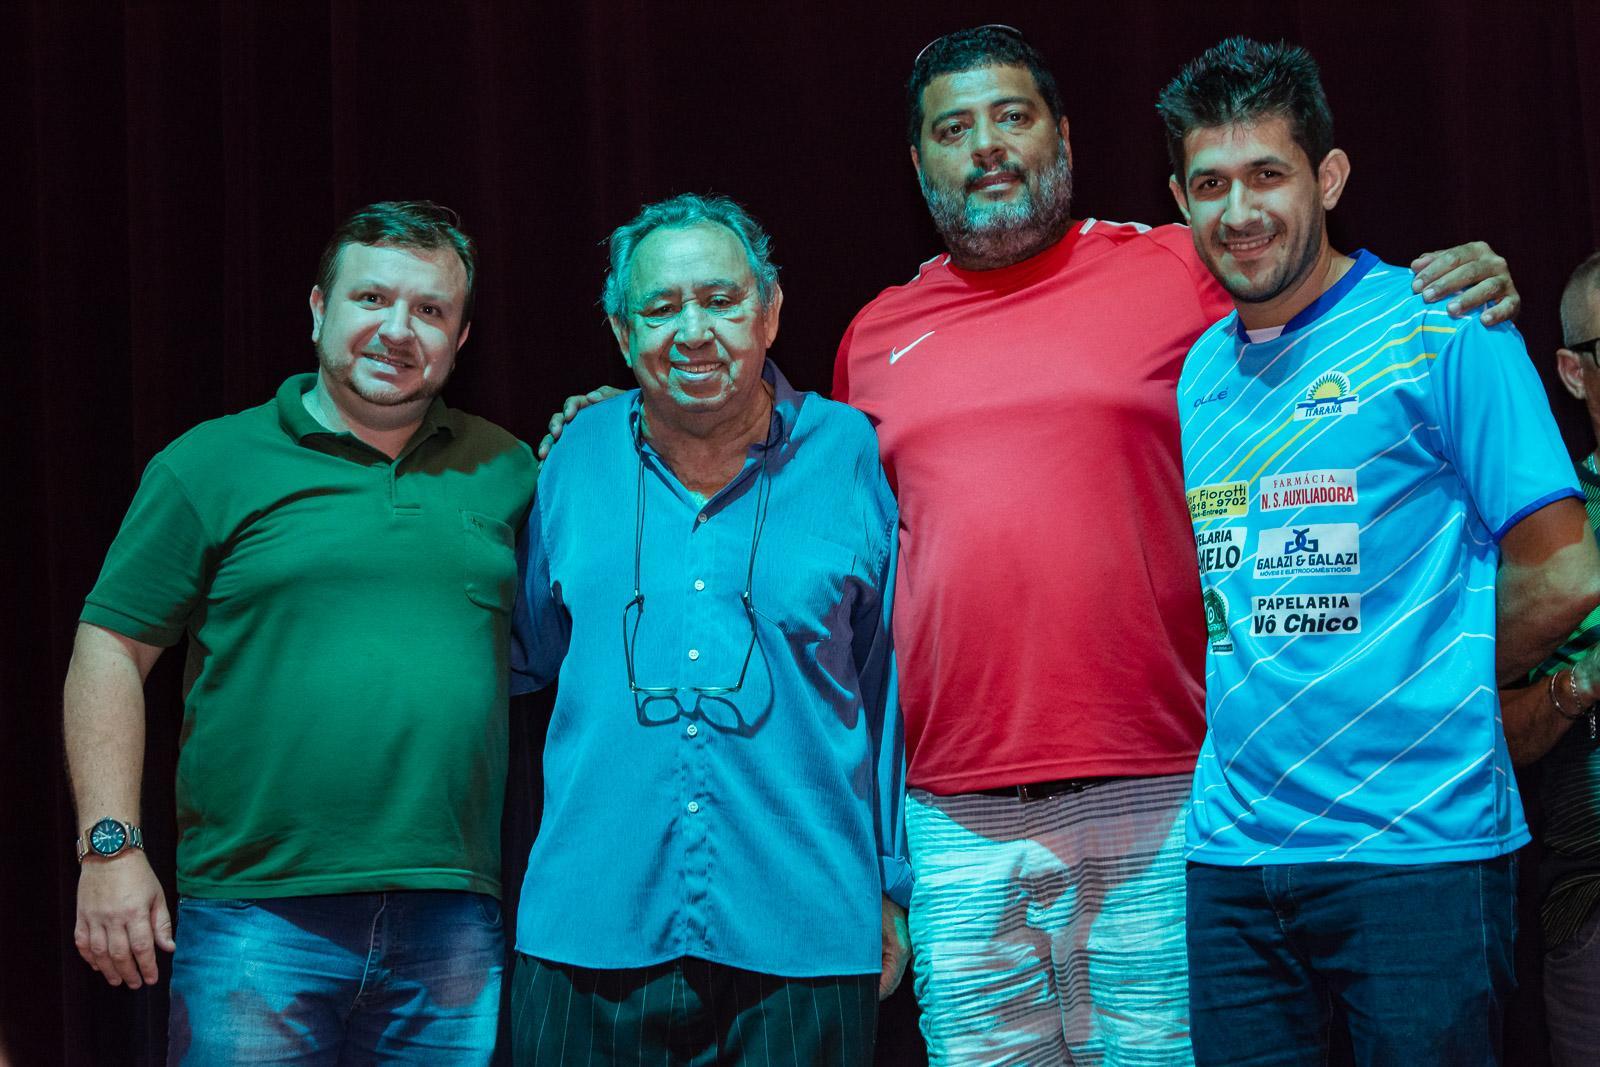 Itarana deve receber cerca de 1.500 visitantes durante a Copa A Gazetinha em janeiro